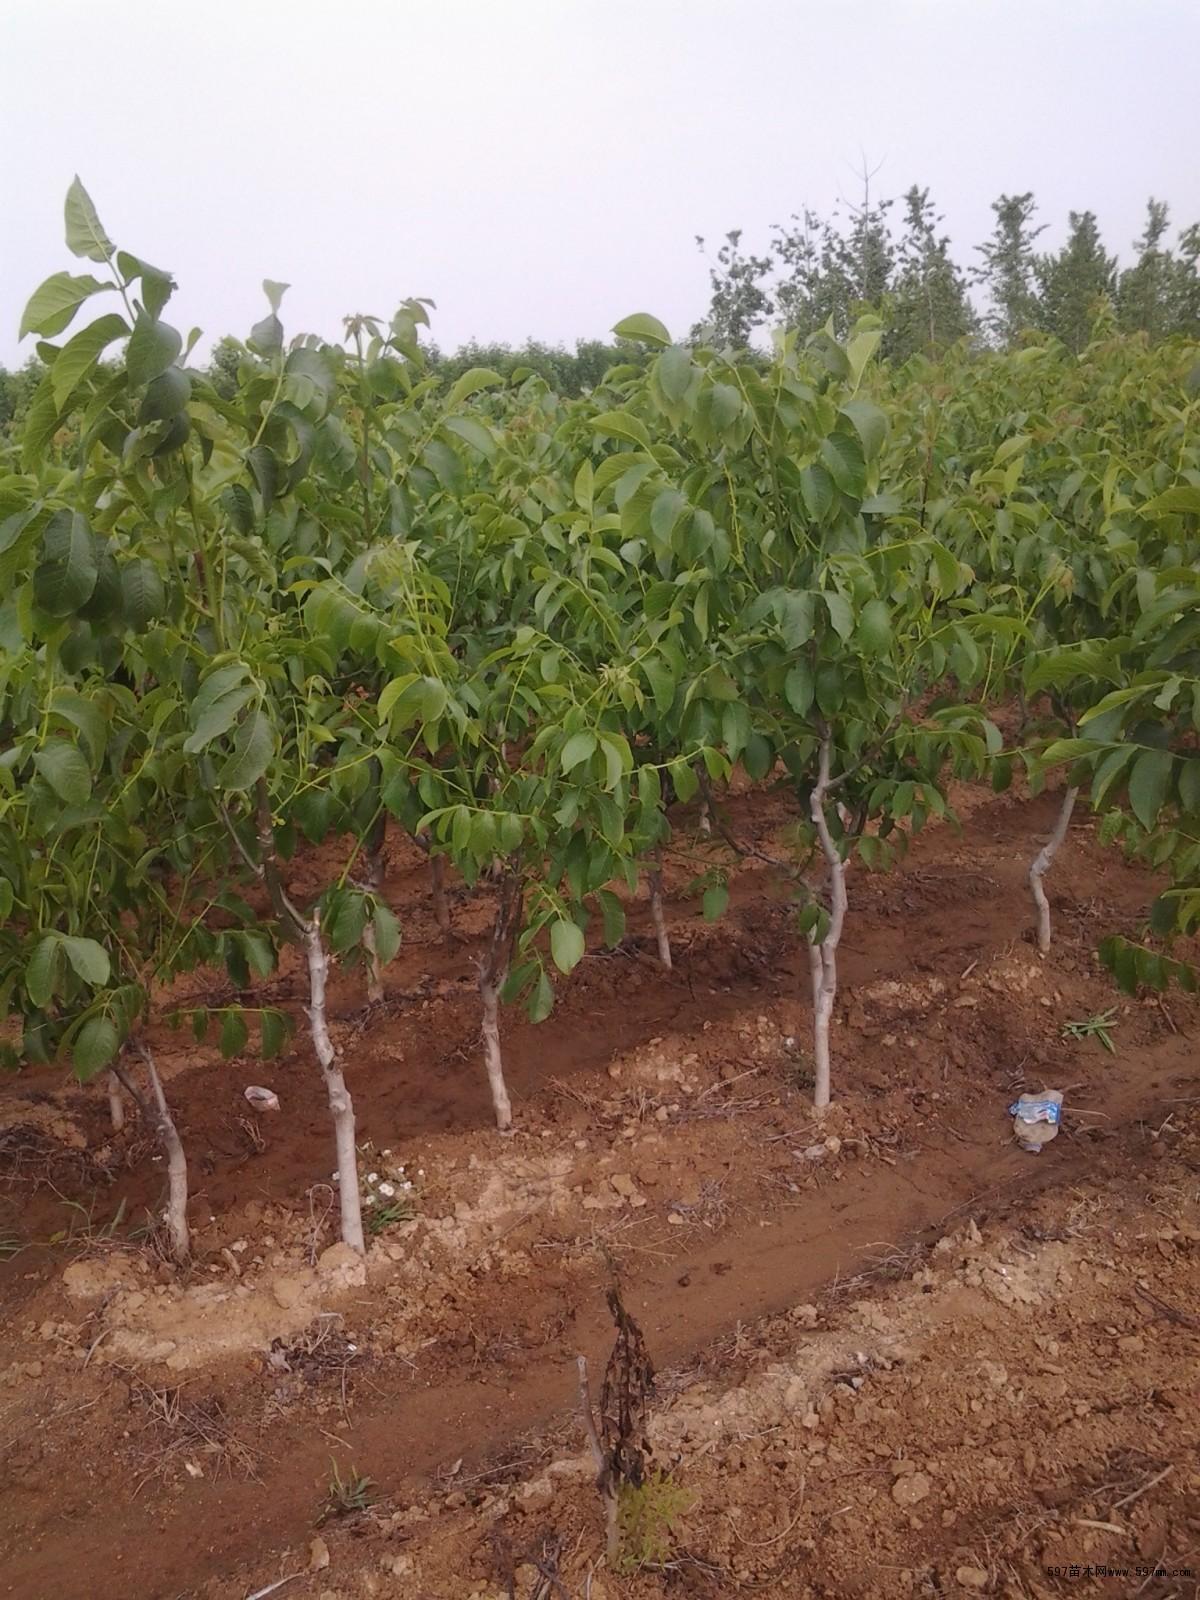 核桃树对修剪时间要求很严,最佳时期在果实采收后到叶片变黄以前进行